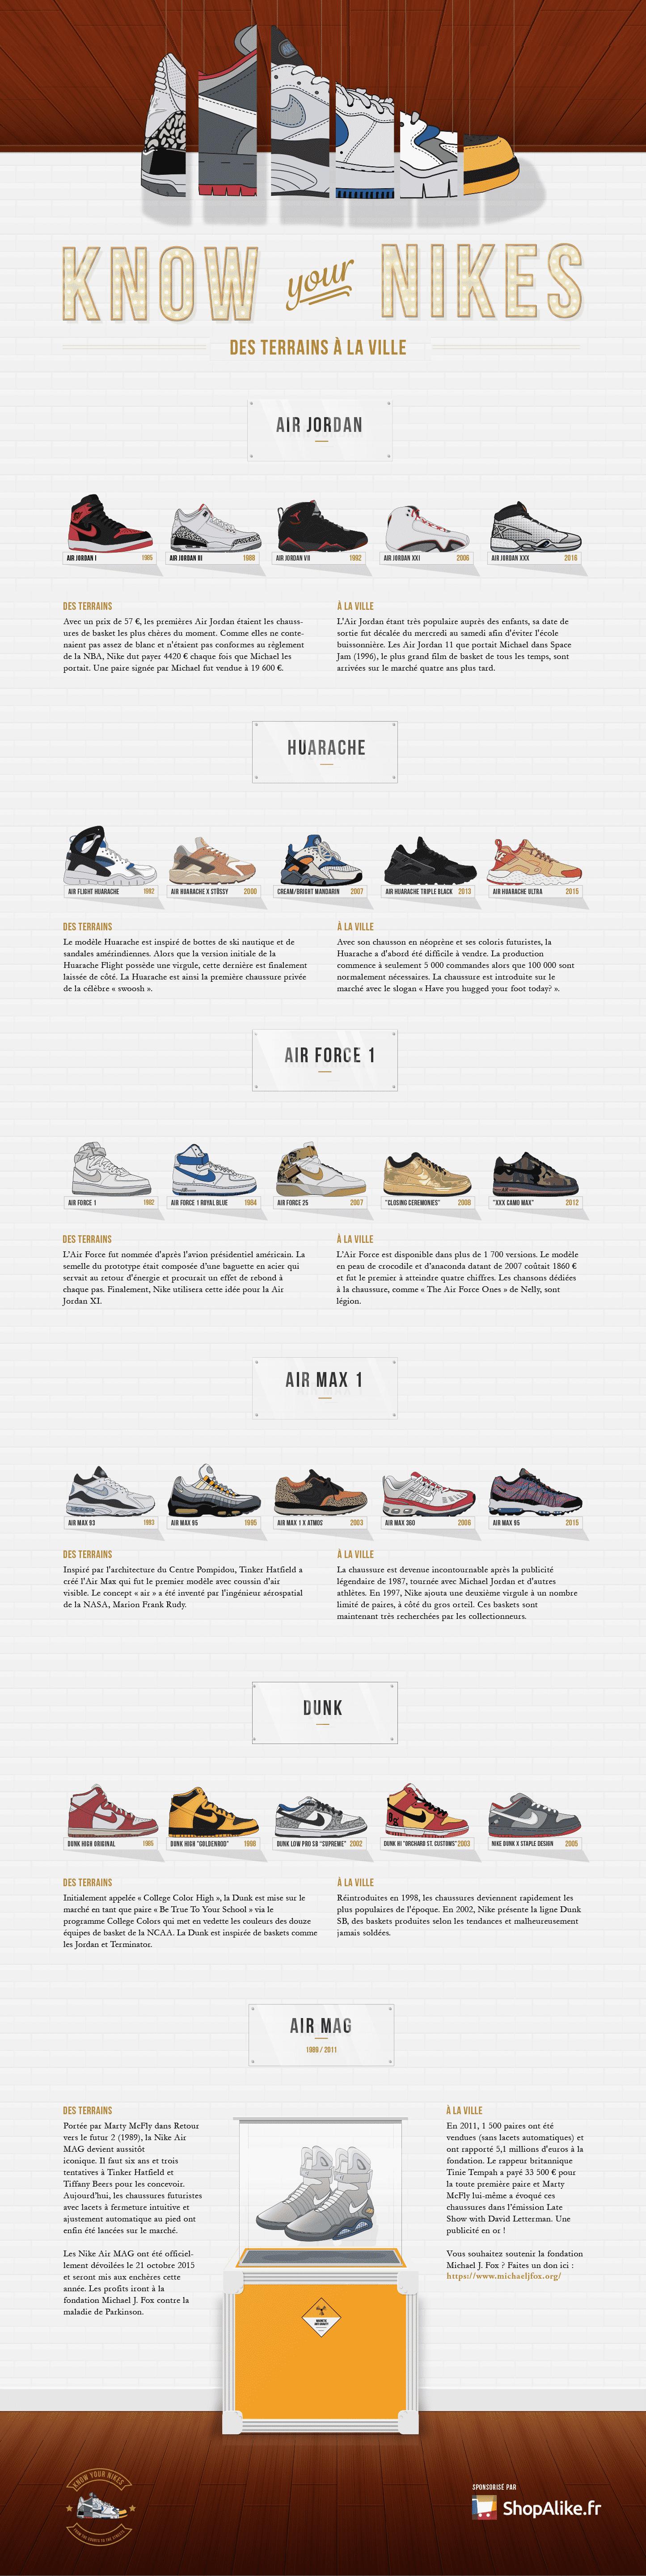 [Infographie] Les sneakers Nike, des terrains à la ville